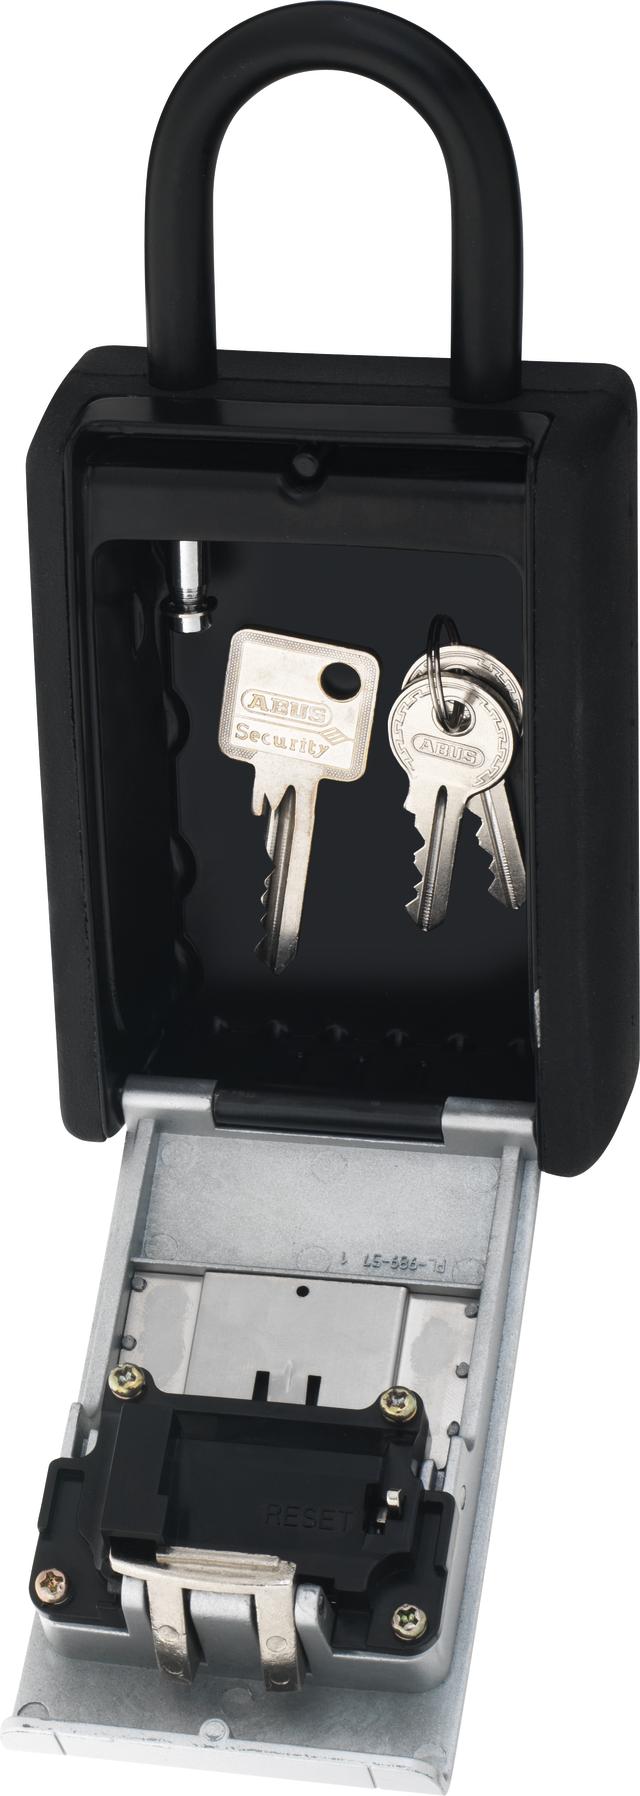 KeyGarage 797 LED geöffnet mit Schlüssel